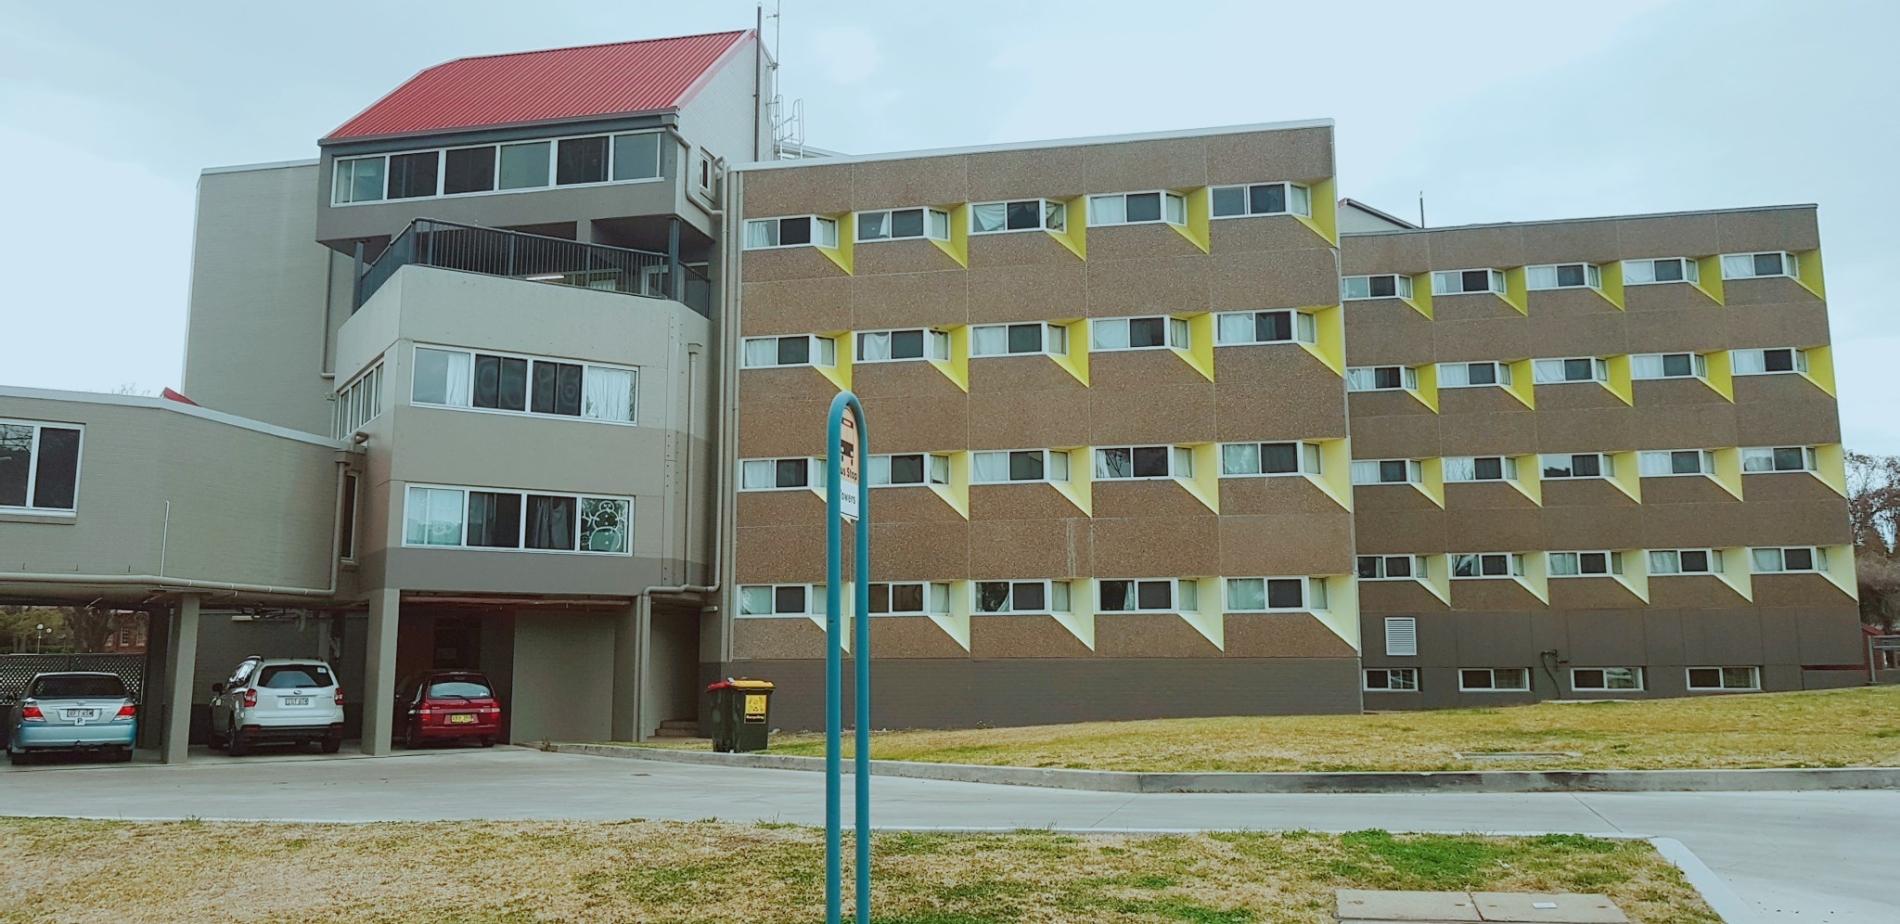 Charles Sturt University - Bathurst Campus | Panorama Avenue, Bathurst, New South Wales 2795 | +61 2 6338 4000